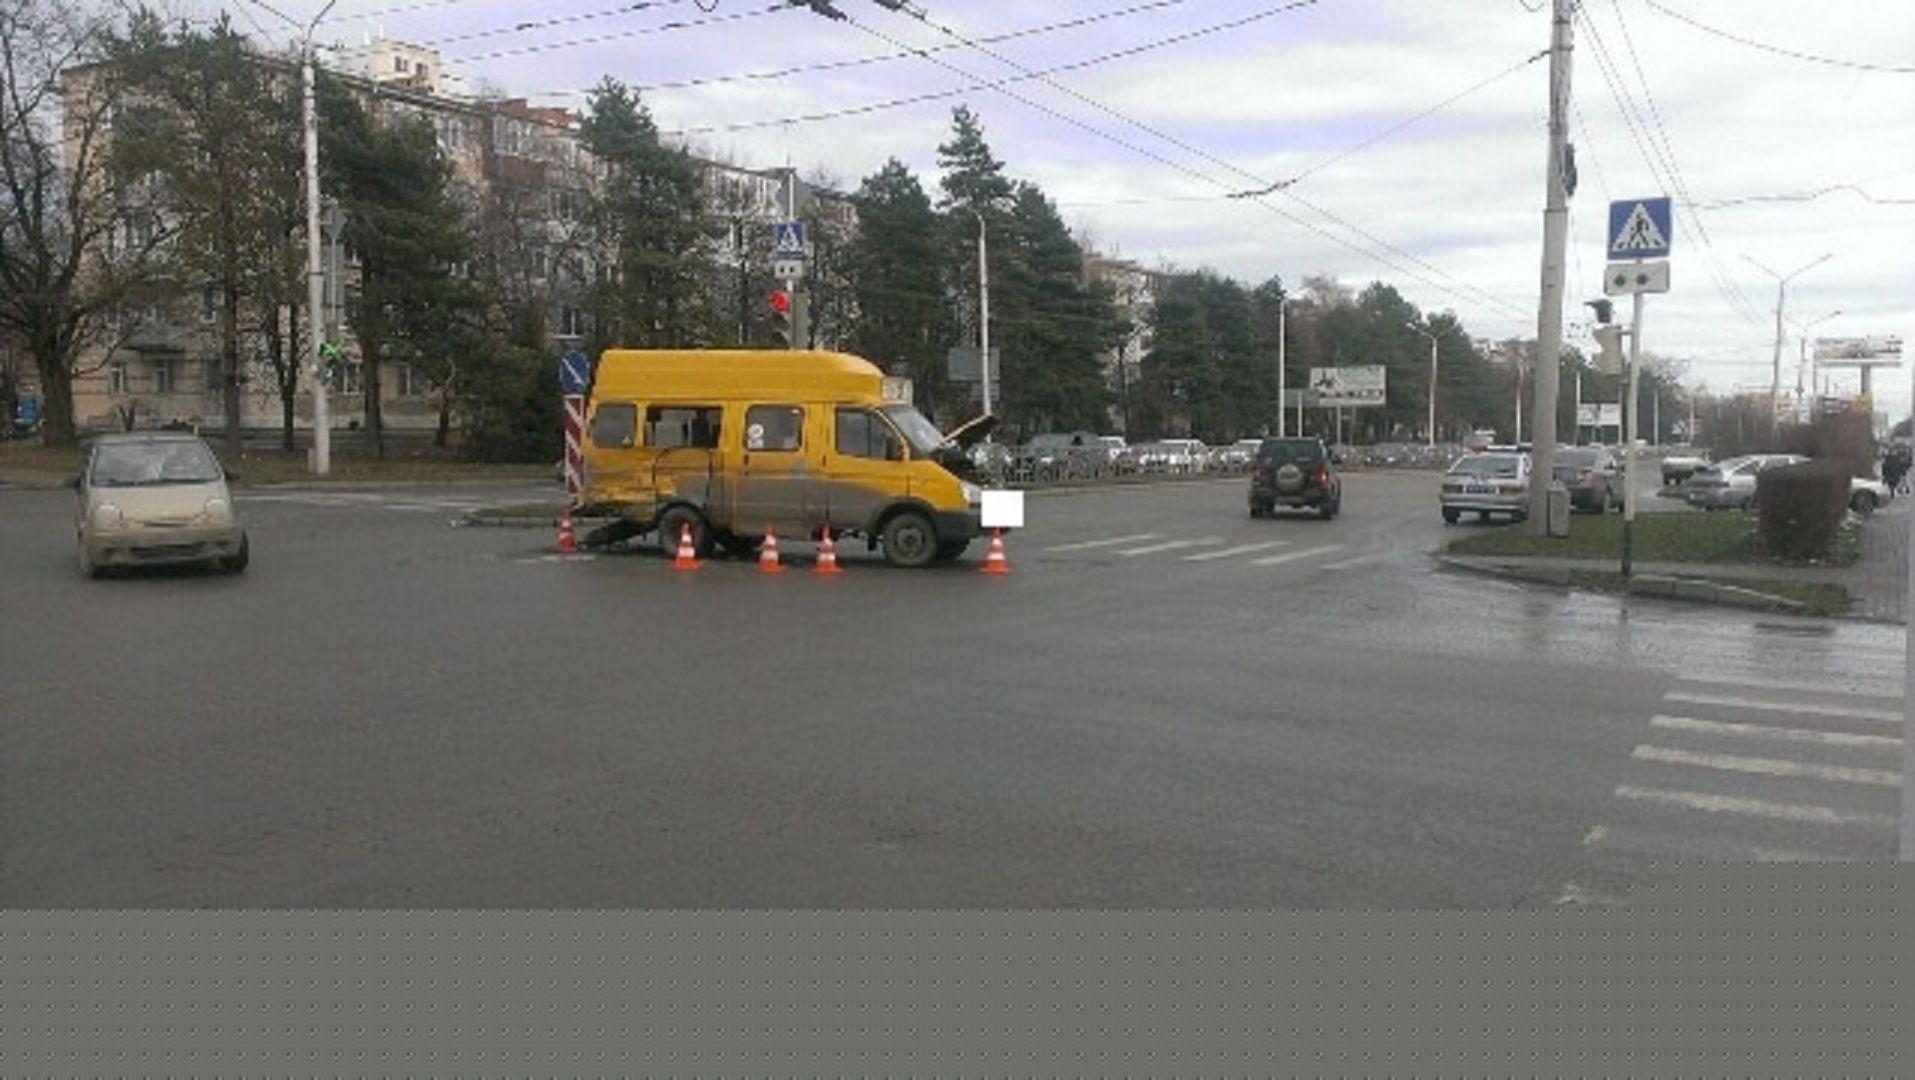 Две маршрутки столкнулись вСтаврополе, пострадали 5  человек